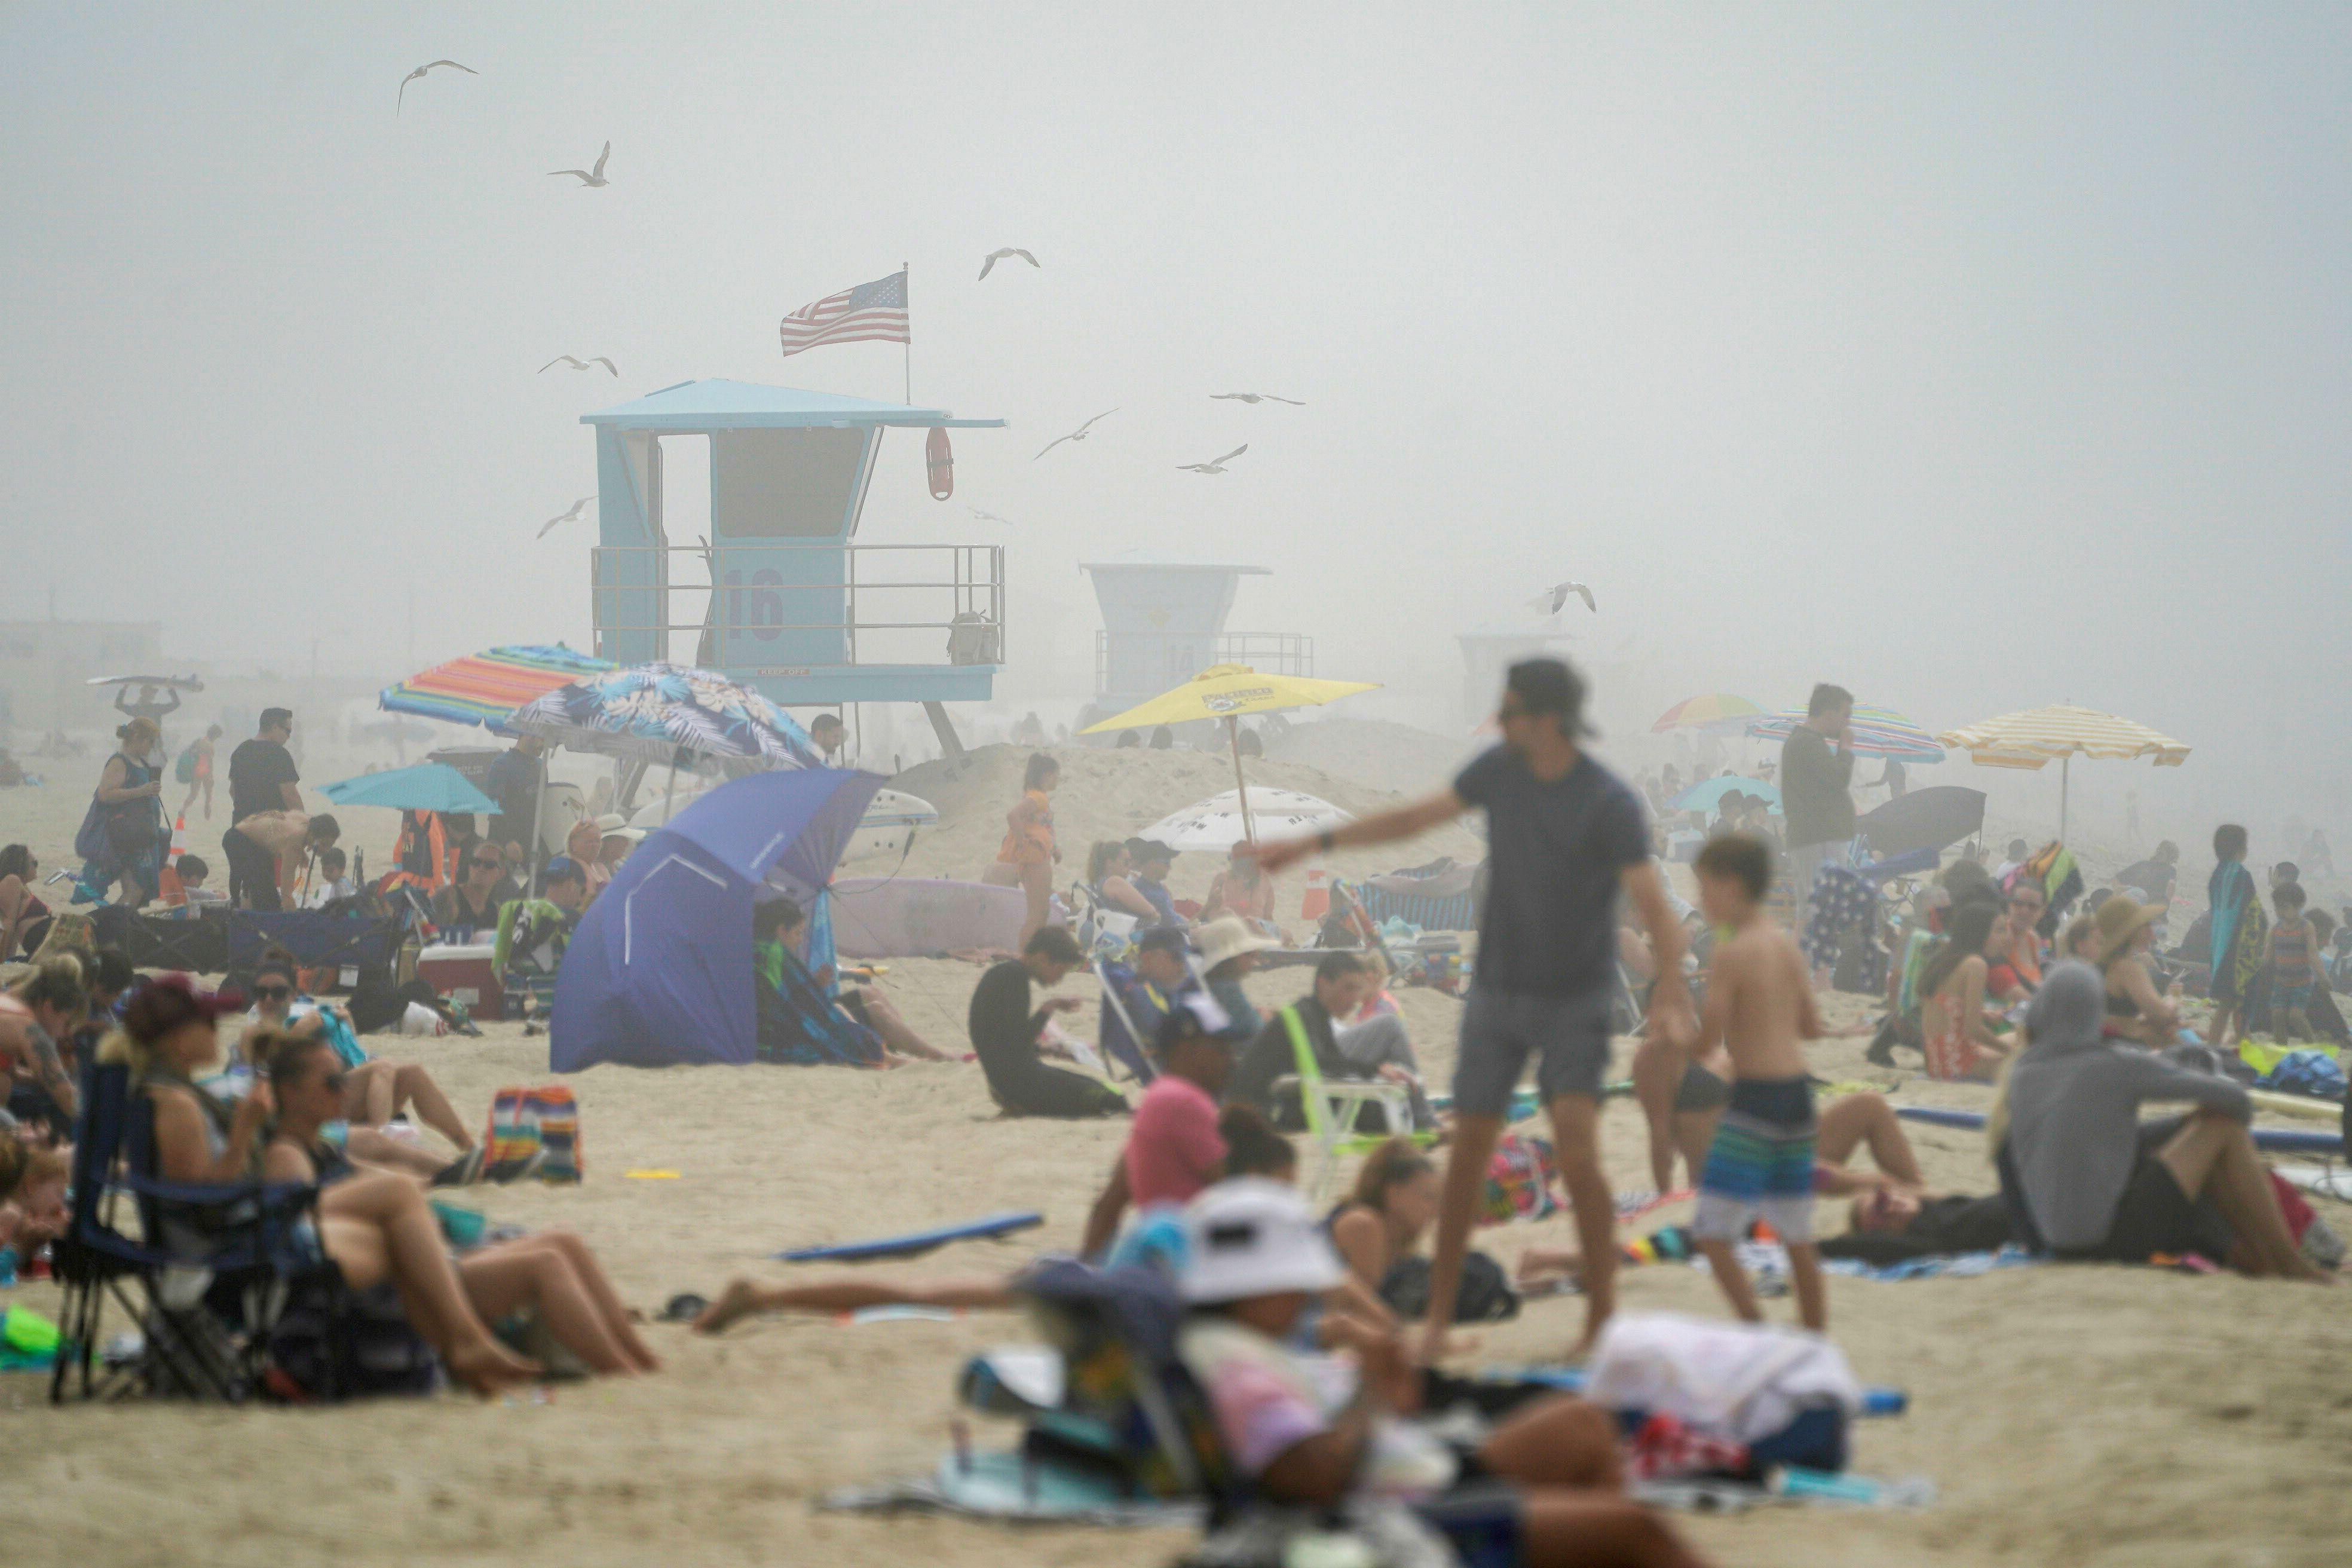 Huntington Beach, California, el 25 de abril (Foto: REUTERS/Kyle Grillot)